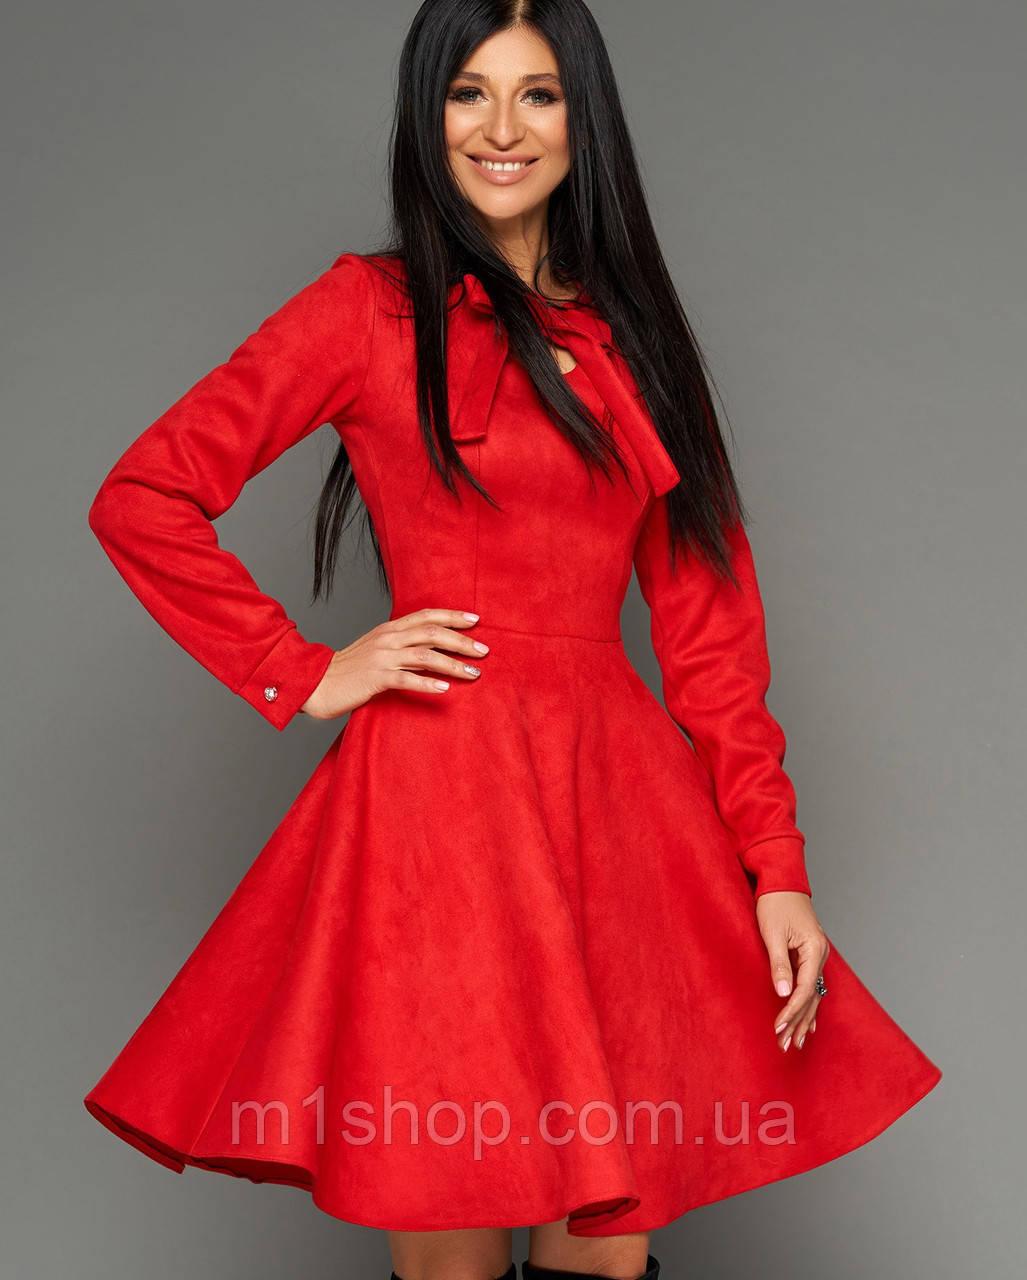 Женское замшевое расклешенное платье (Хайдиjd)